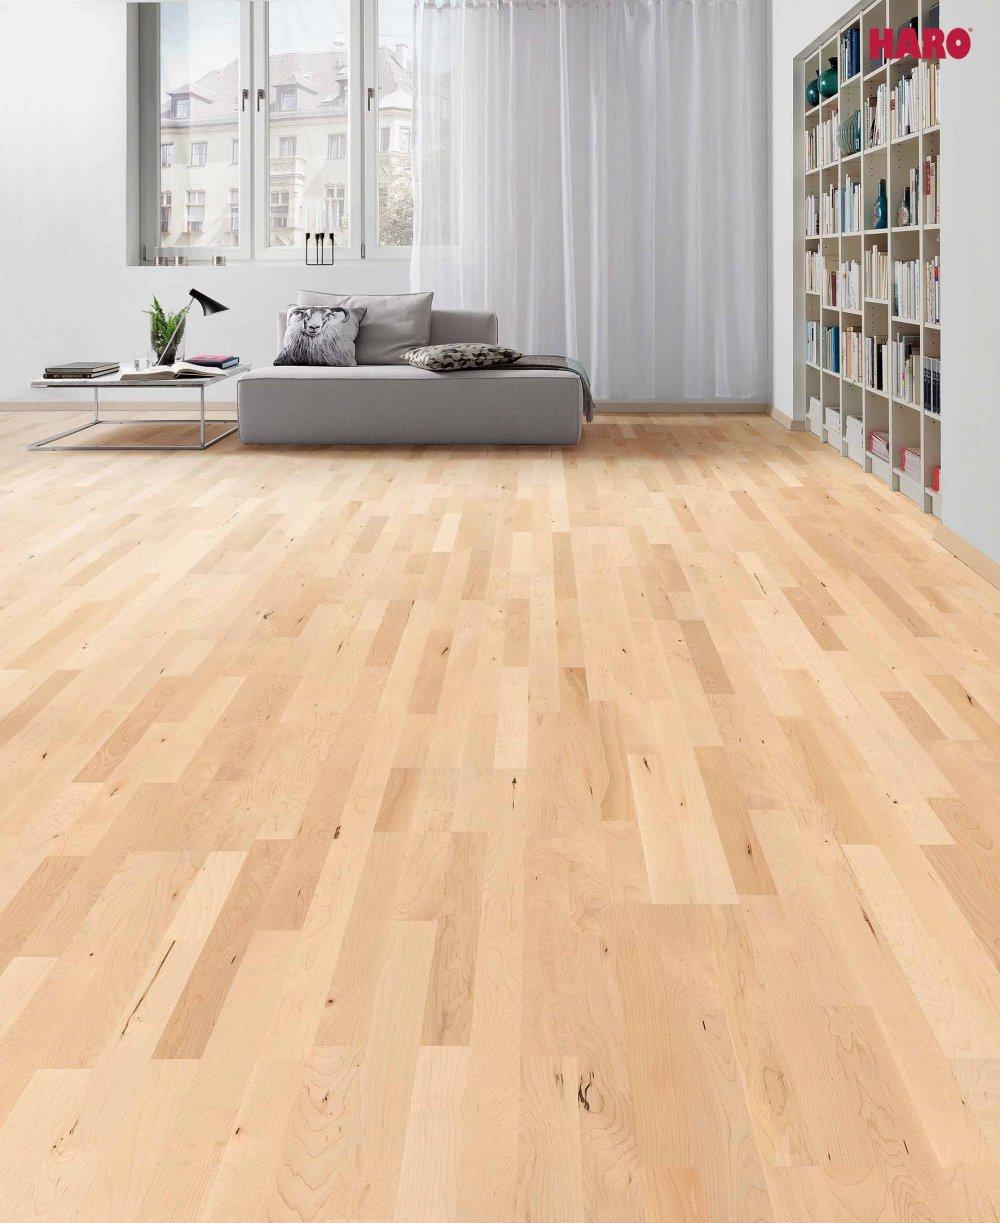 524406 haro parkett 3 stab schiffsboden 4000 canadischer. Black Bedroom Furniture Sets. Home Design Ideas